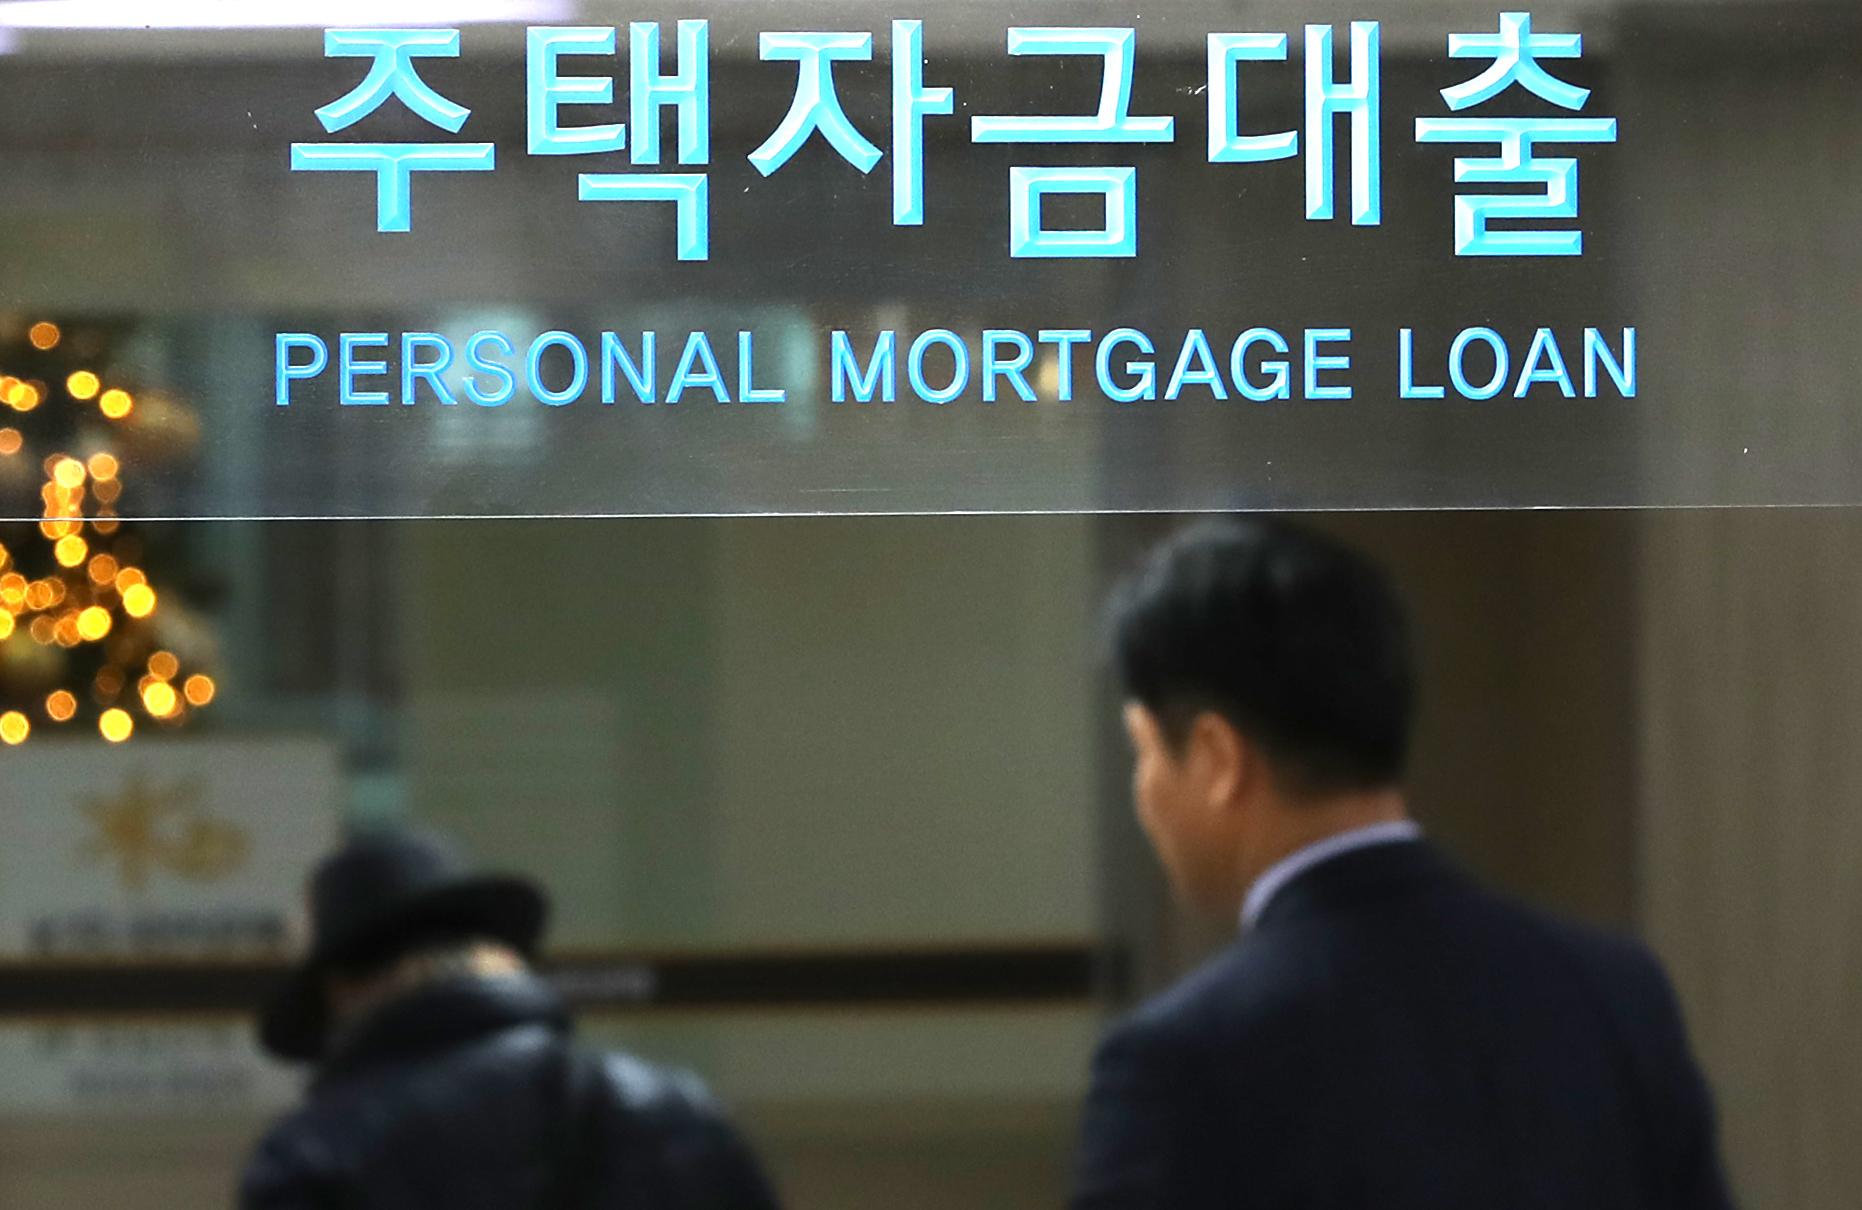 당국-은행 '불통'에 수요자만 골탕...은행들 9·13 대책 발표 후 일부 대출 중단